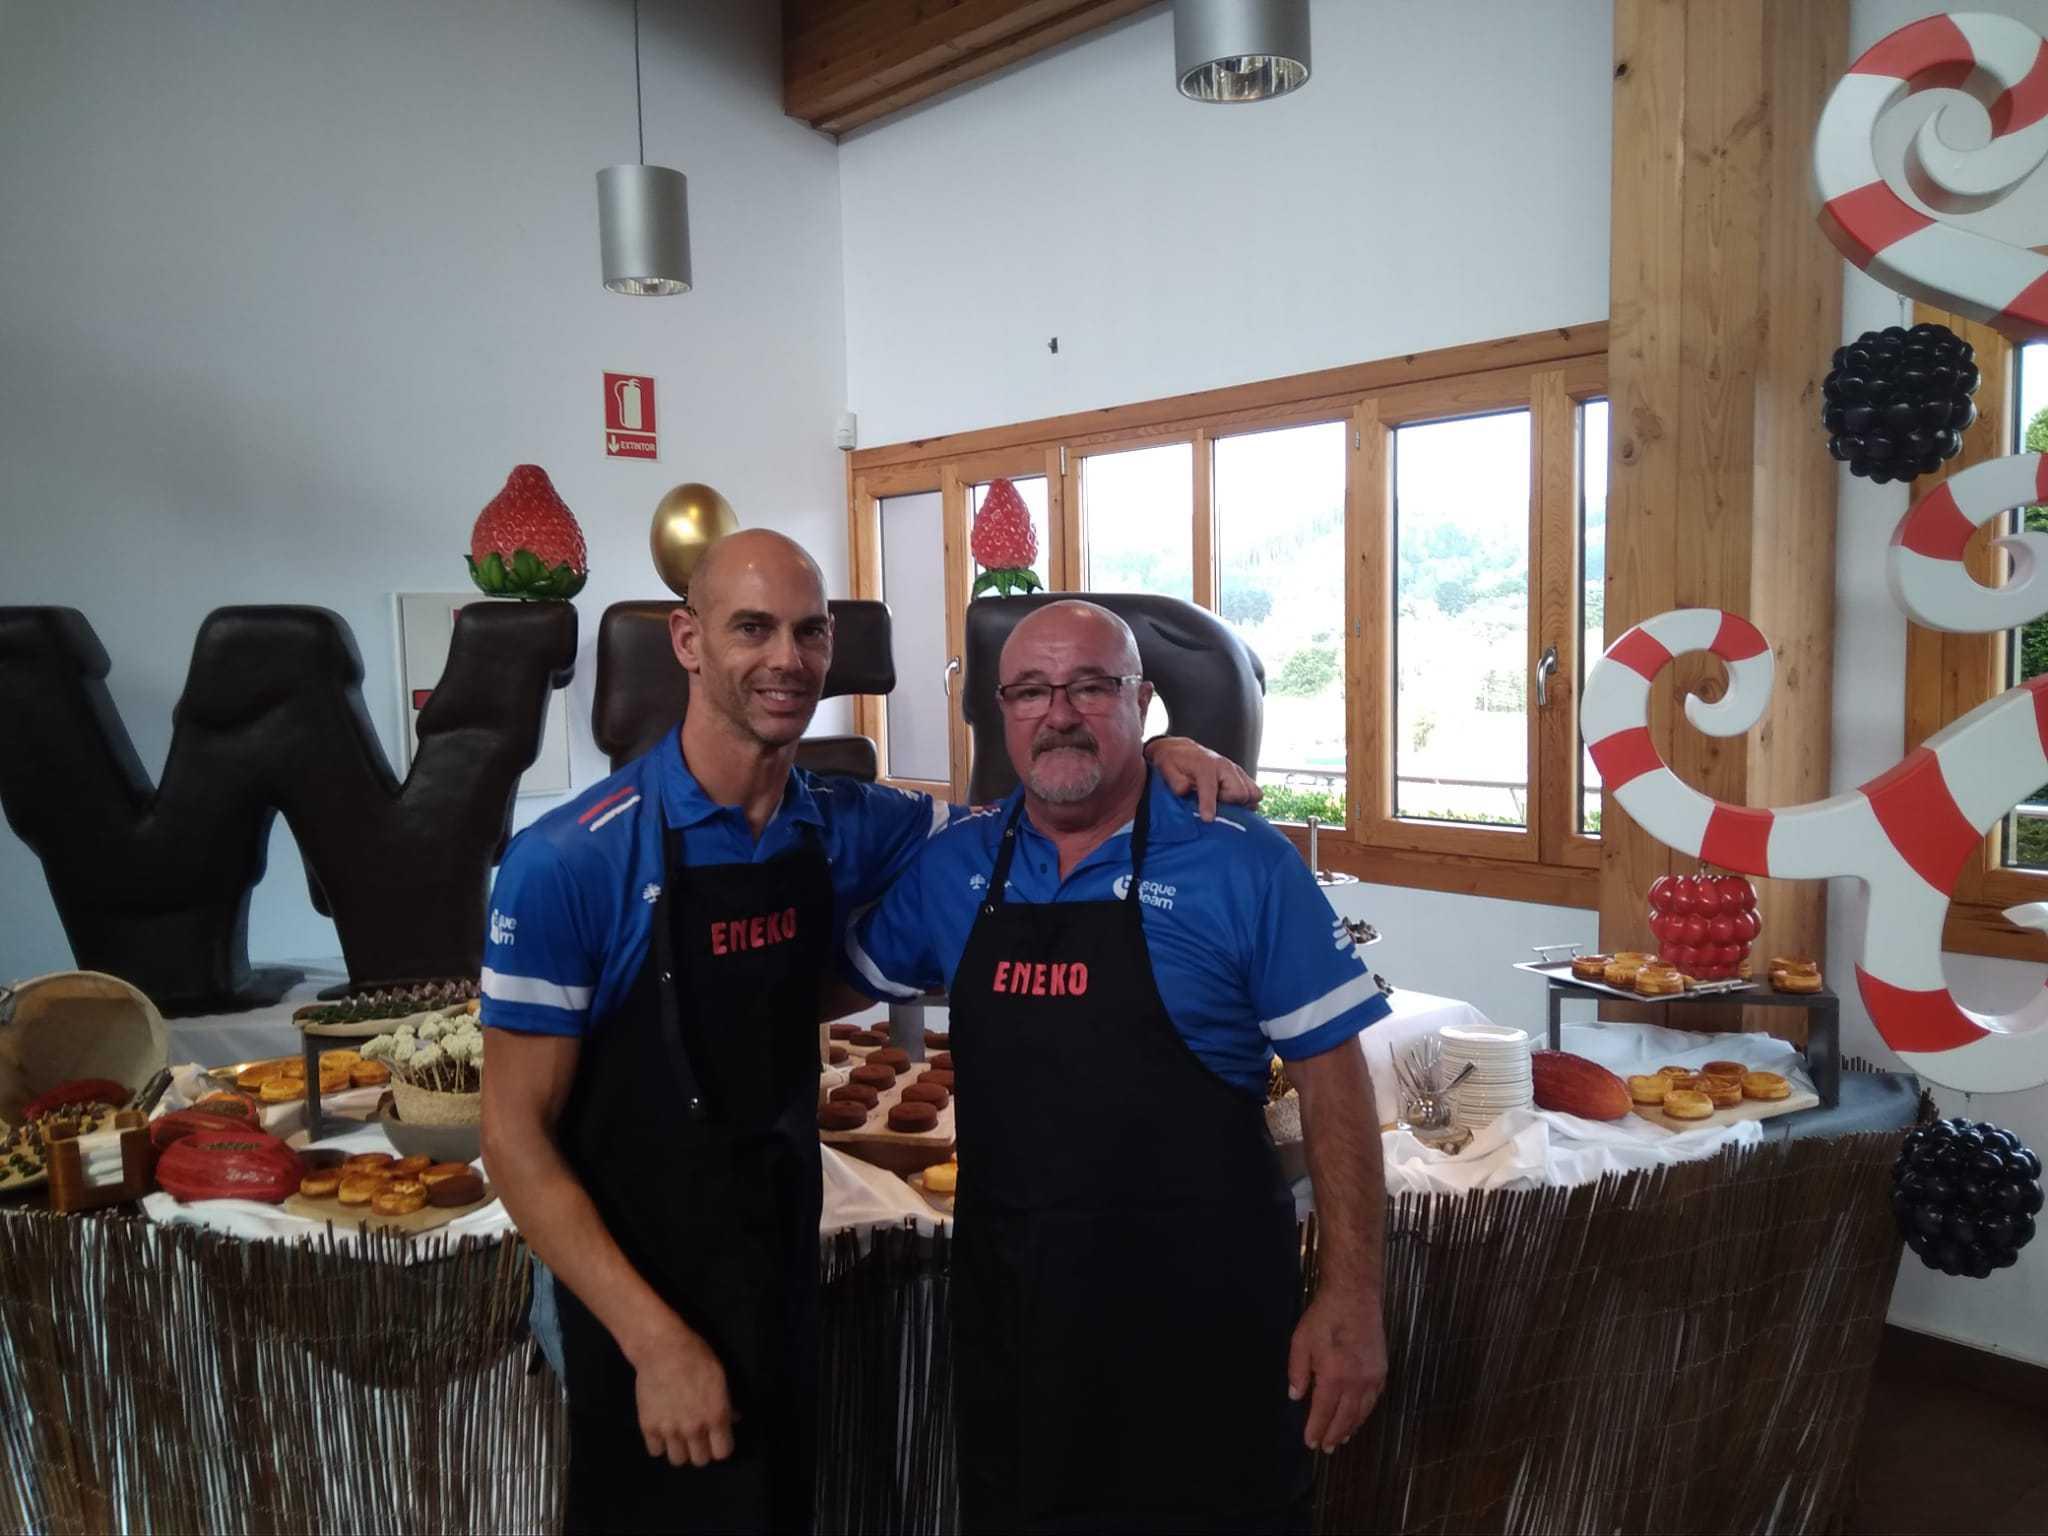 Konporta en el Show cooking - Konporta